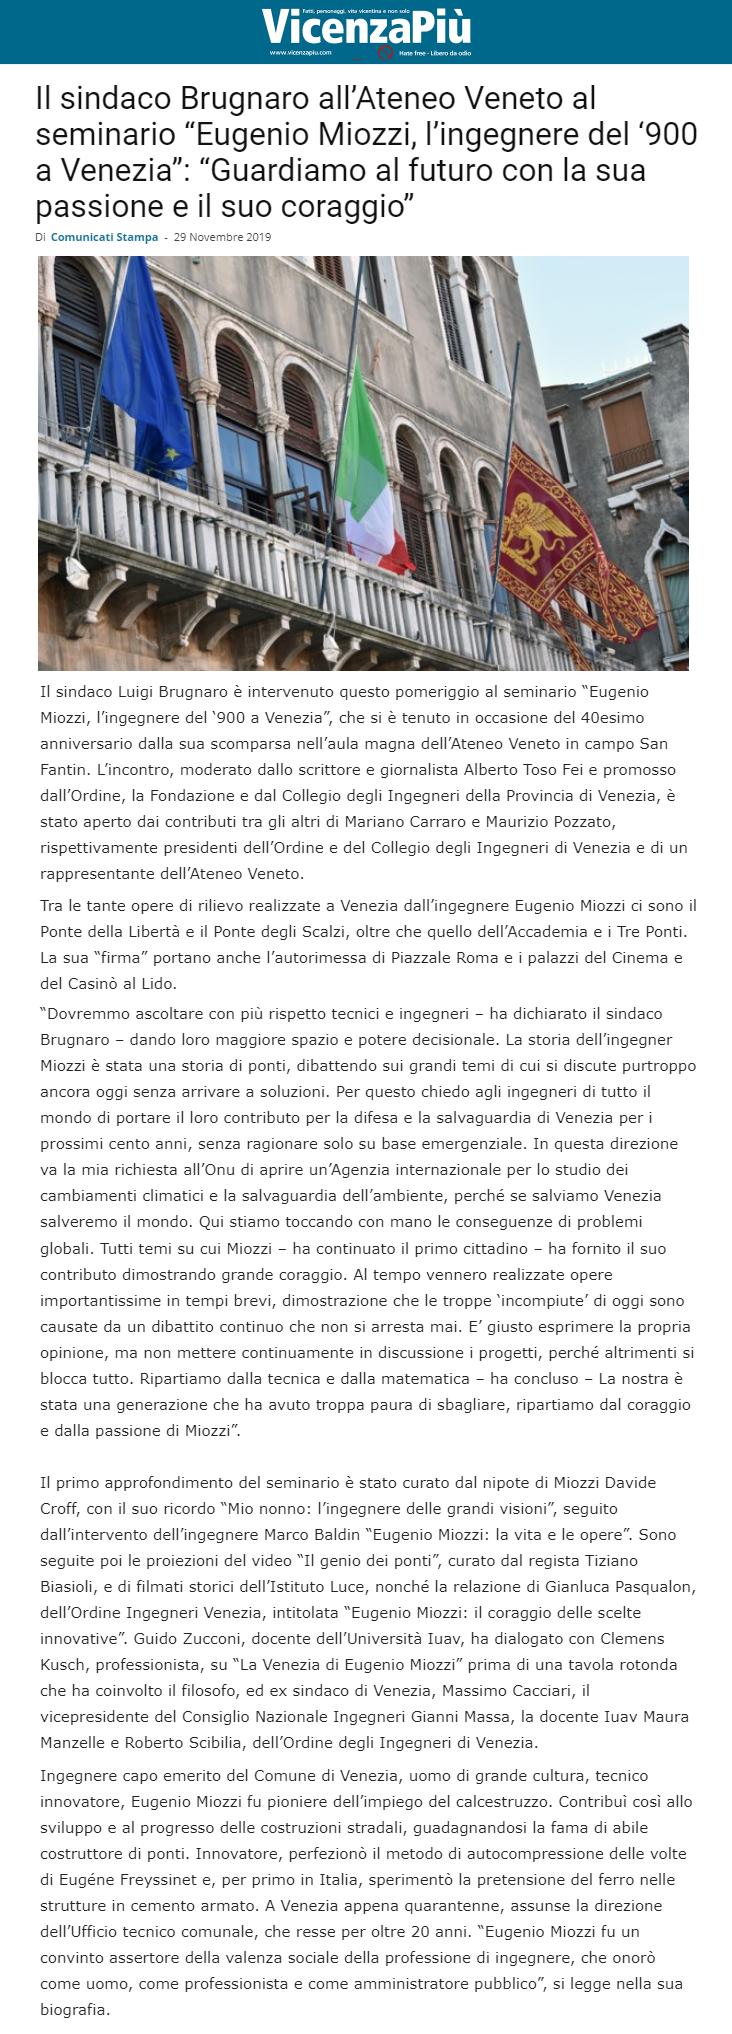 29.11.2019 VICENZA PIù - seminario eugenio miozzi - ingegneri ateneo veneto.png